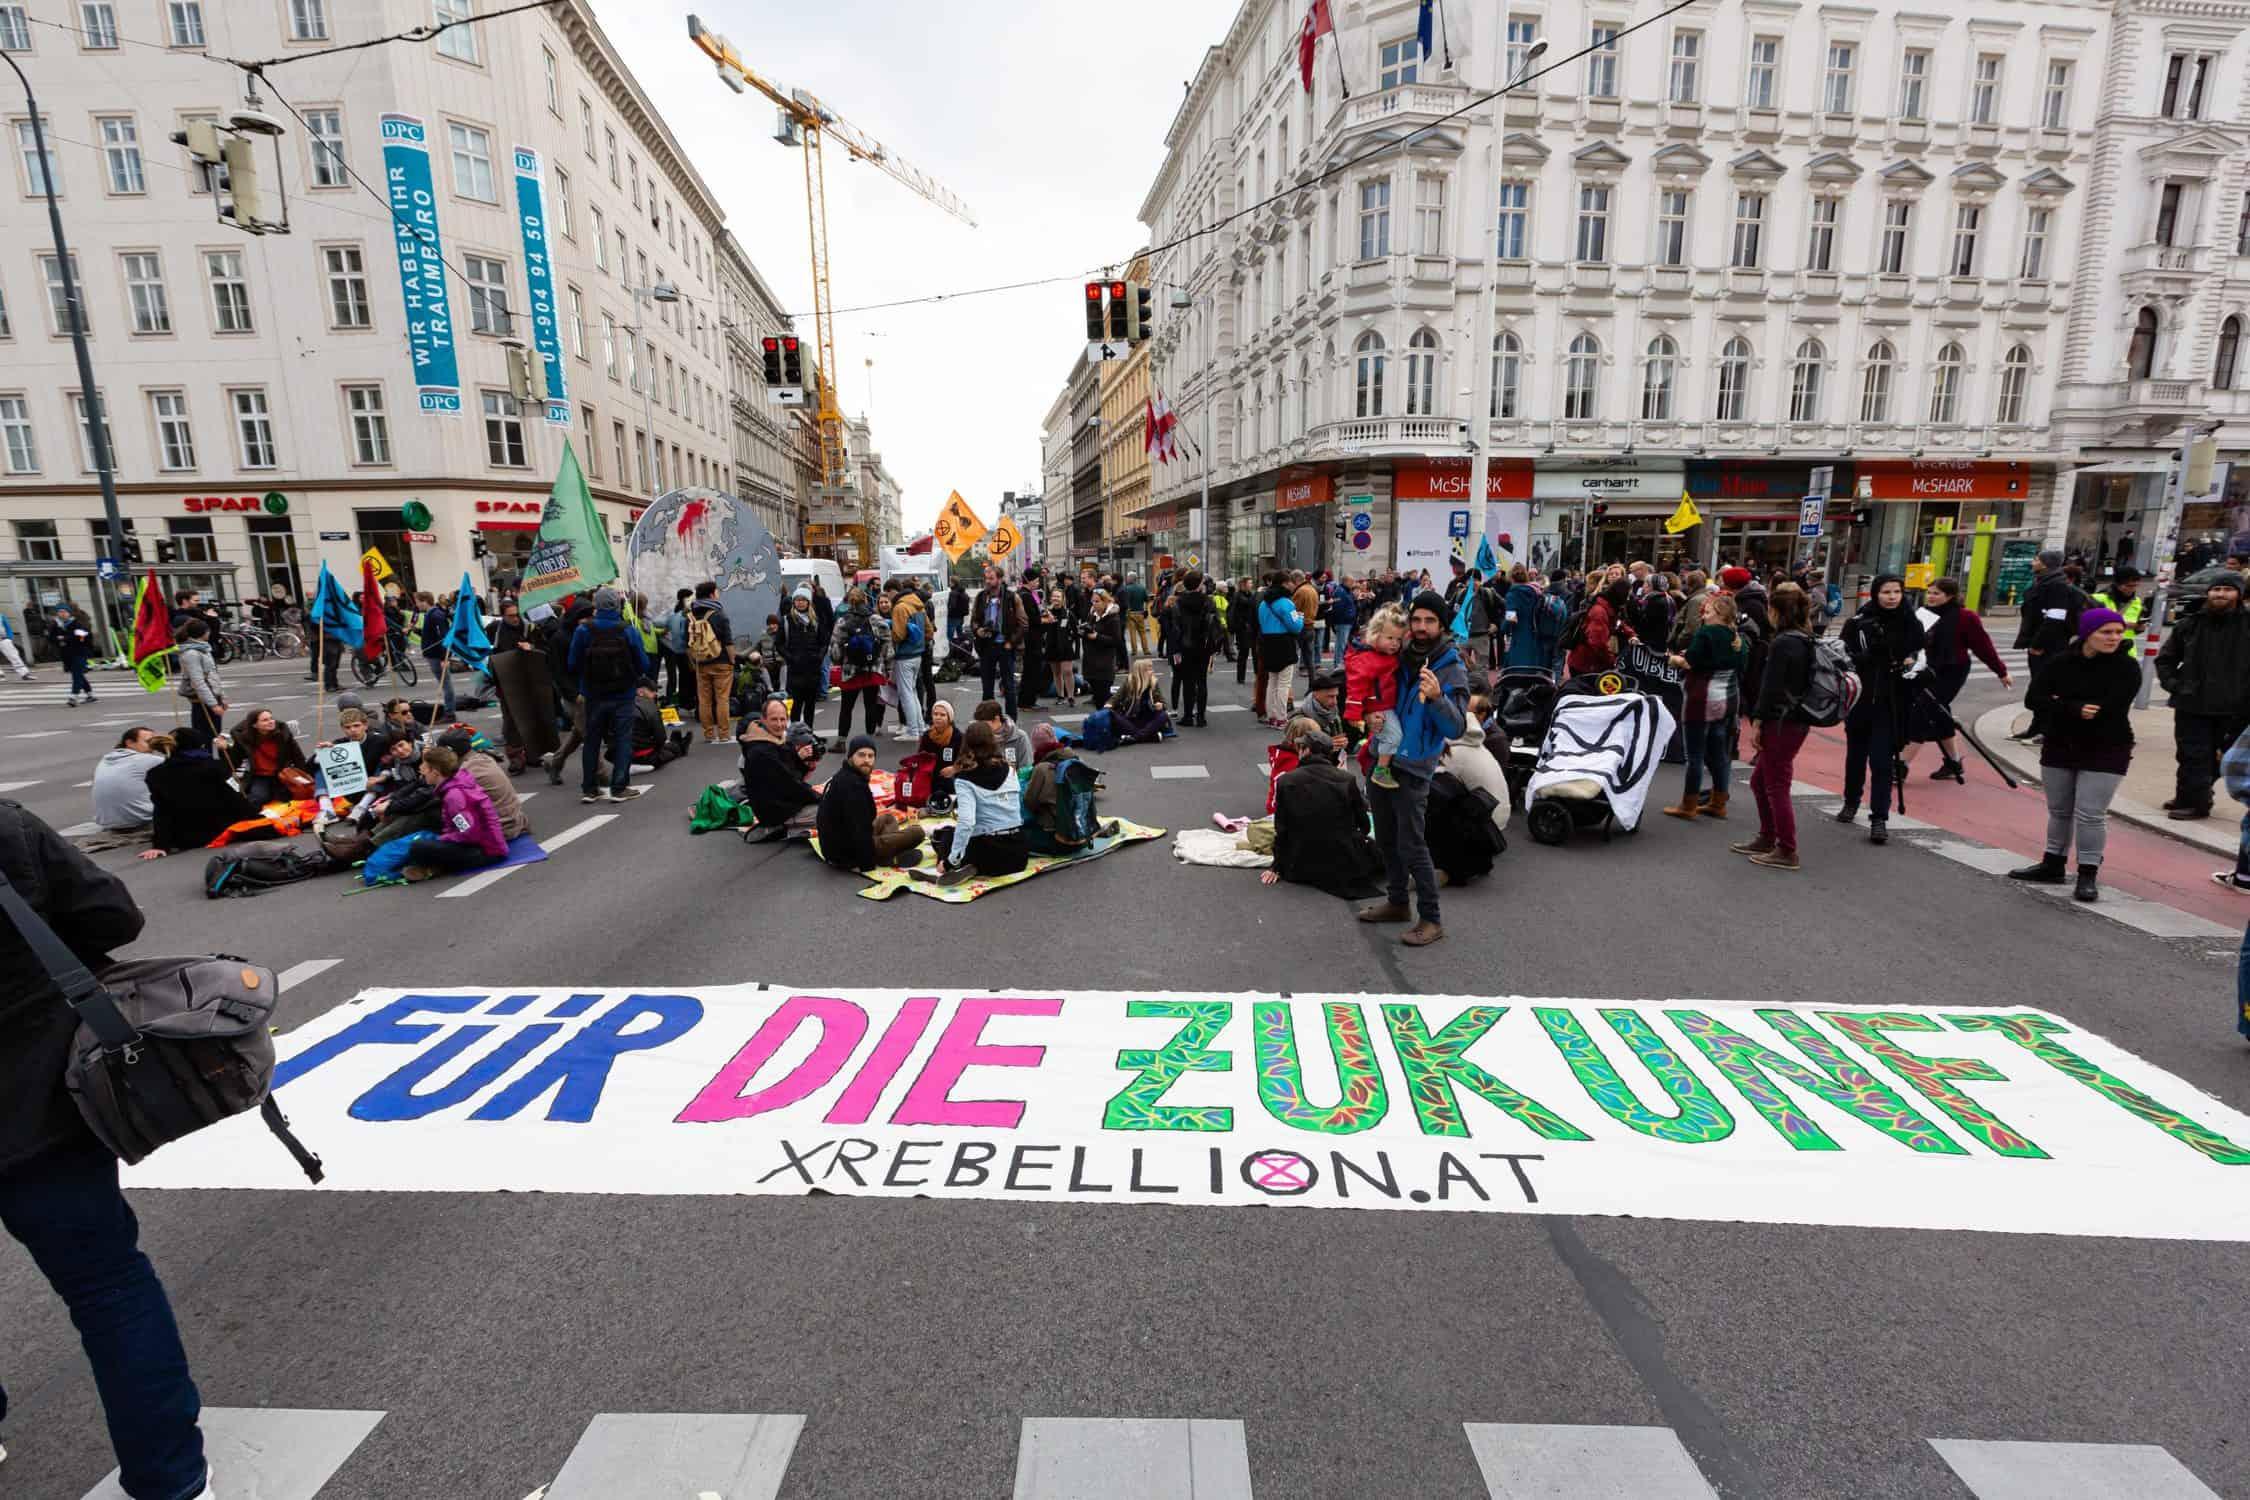 XR AktivistInnen blockieren die Kreuzung Getreidemarkt/Mariahilfer Straße in Wien im Rahmen der Rebellion Week im Oktober 2019